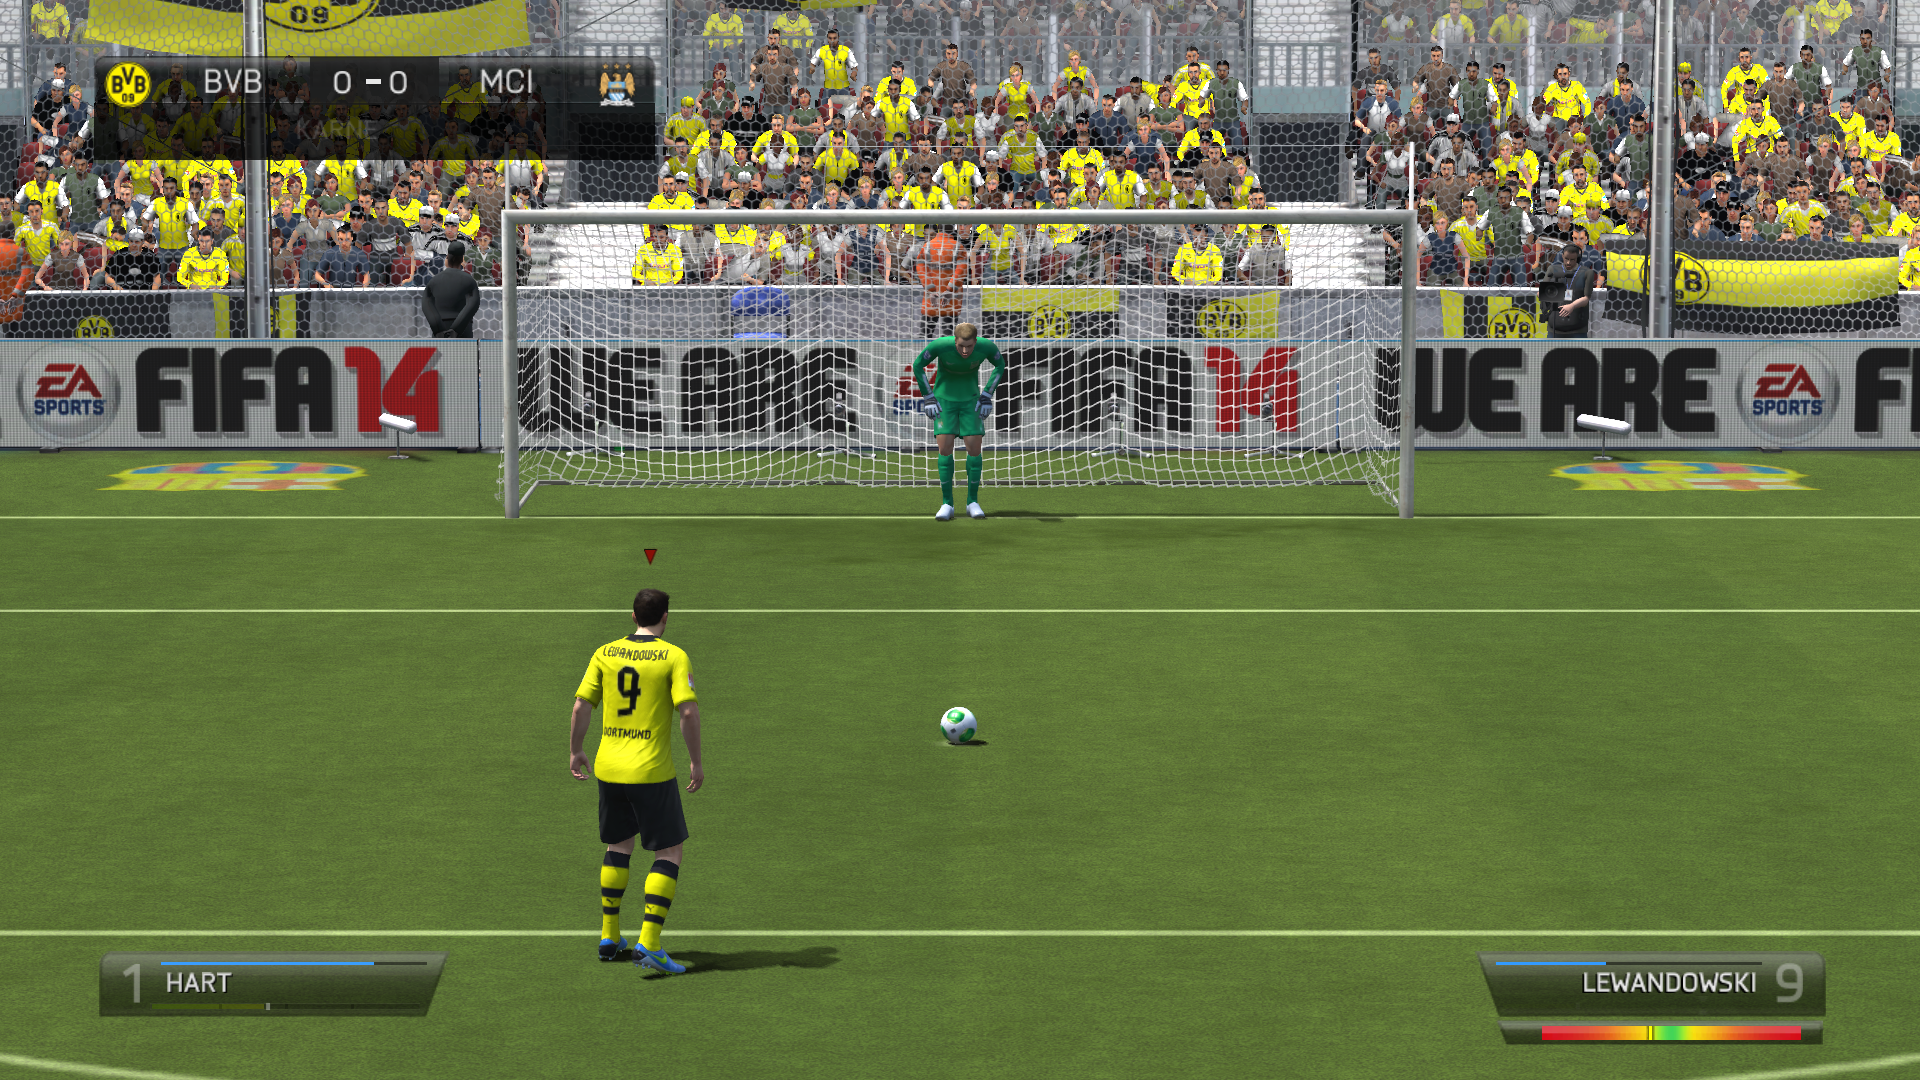 Robert Lewandowski szykujący się do rzutu karnego w FIFA 14